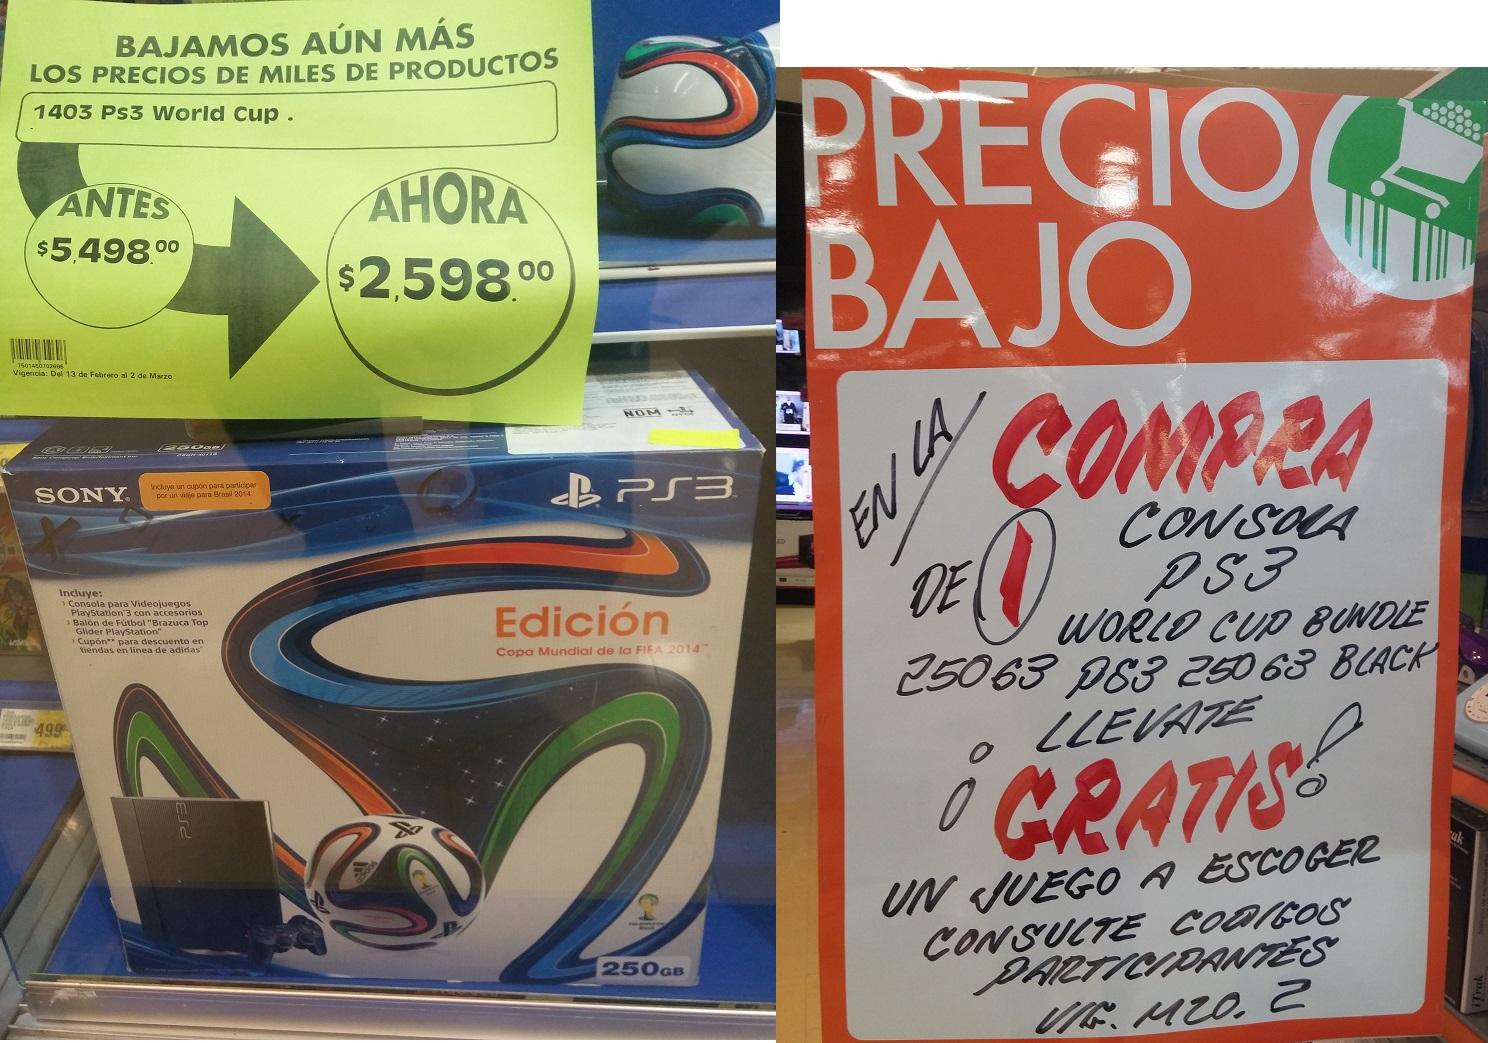 Comercial mexicana. PS3 Paquete Edición Copa Mundial de la FIFA 2014 + GTA V $2,598 y a 6 MSI con tarjetas participantes como banamex.